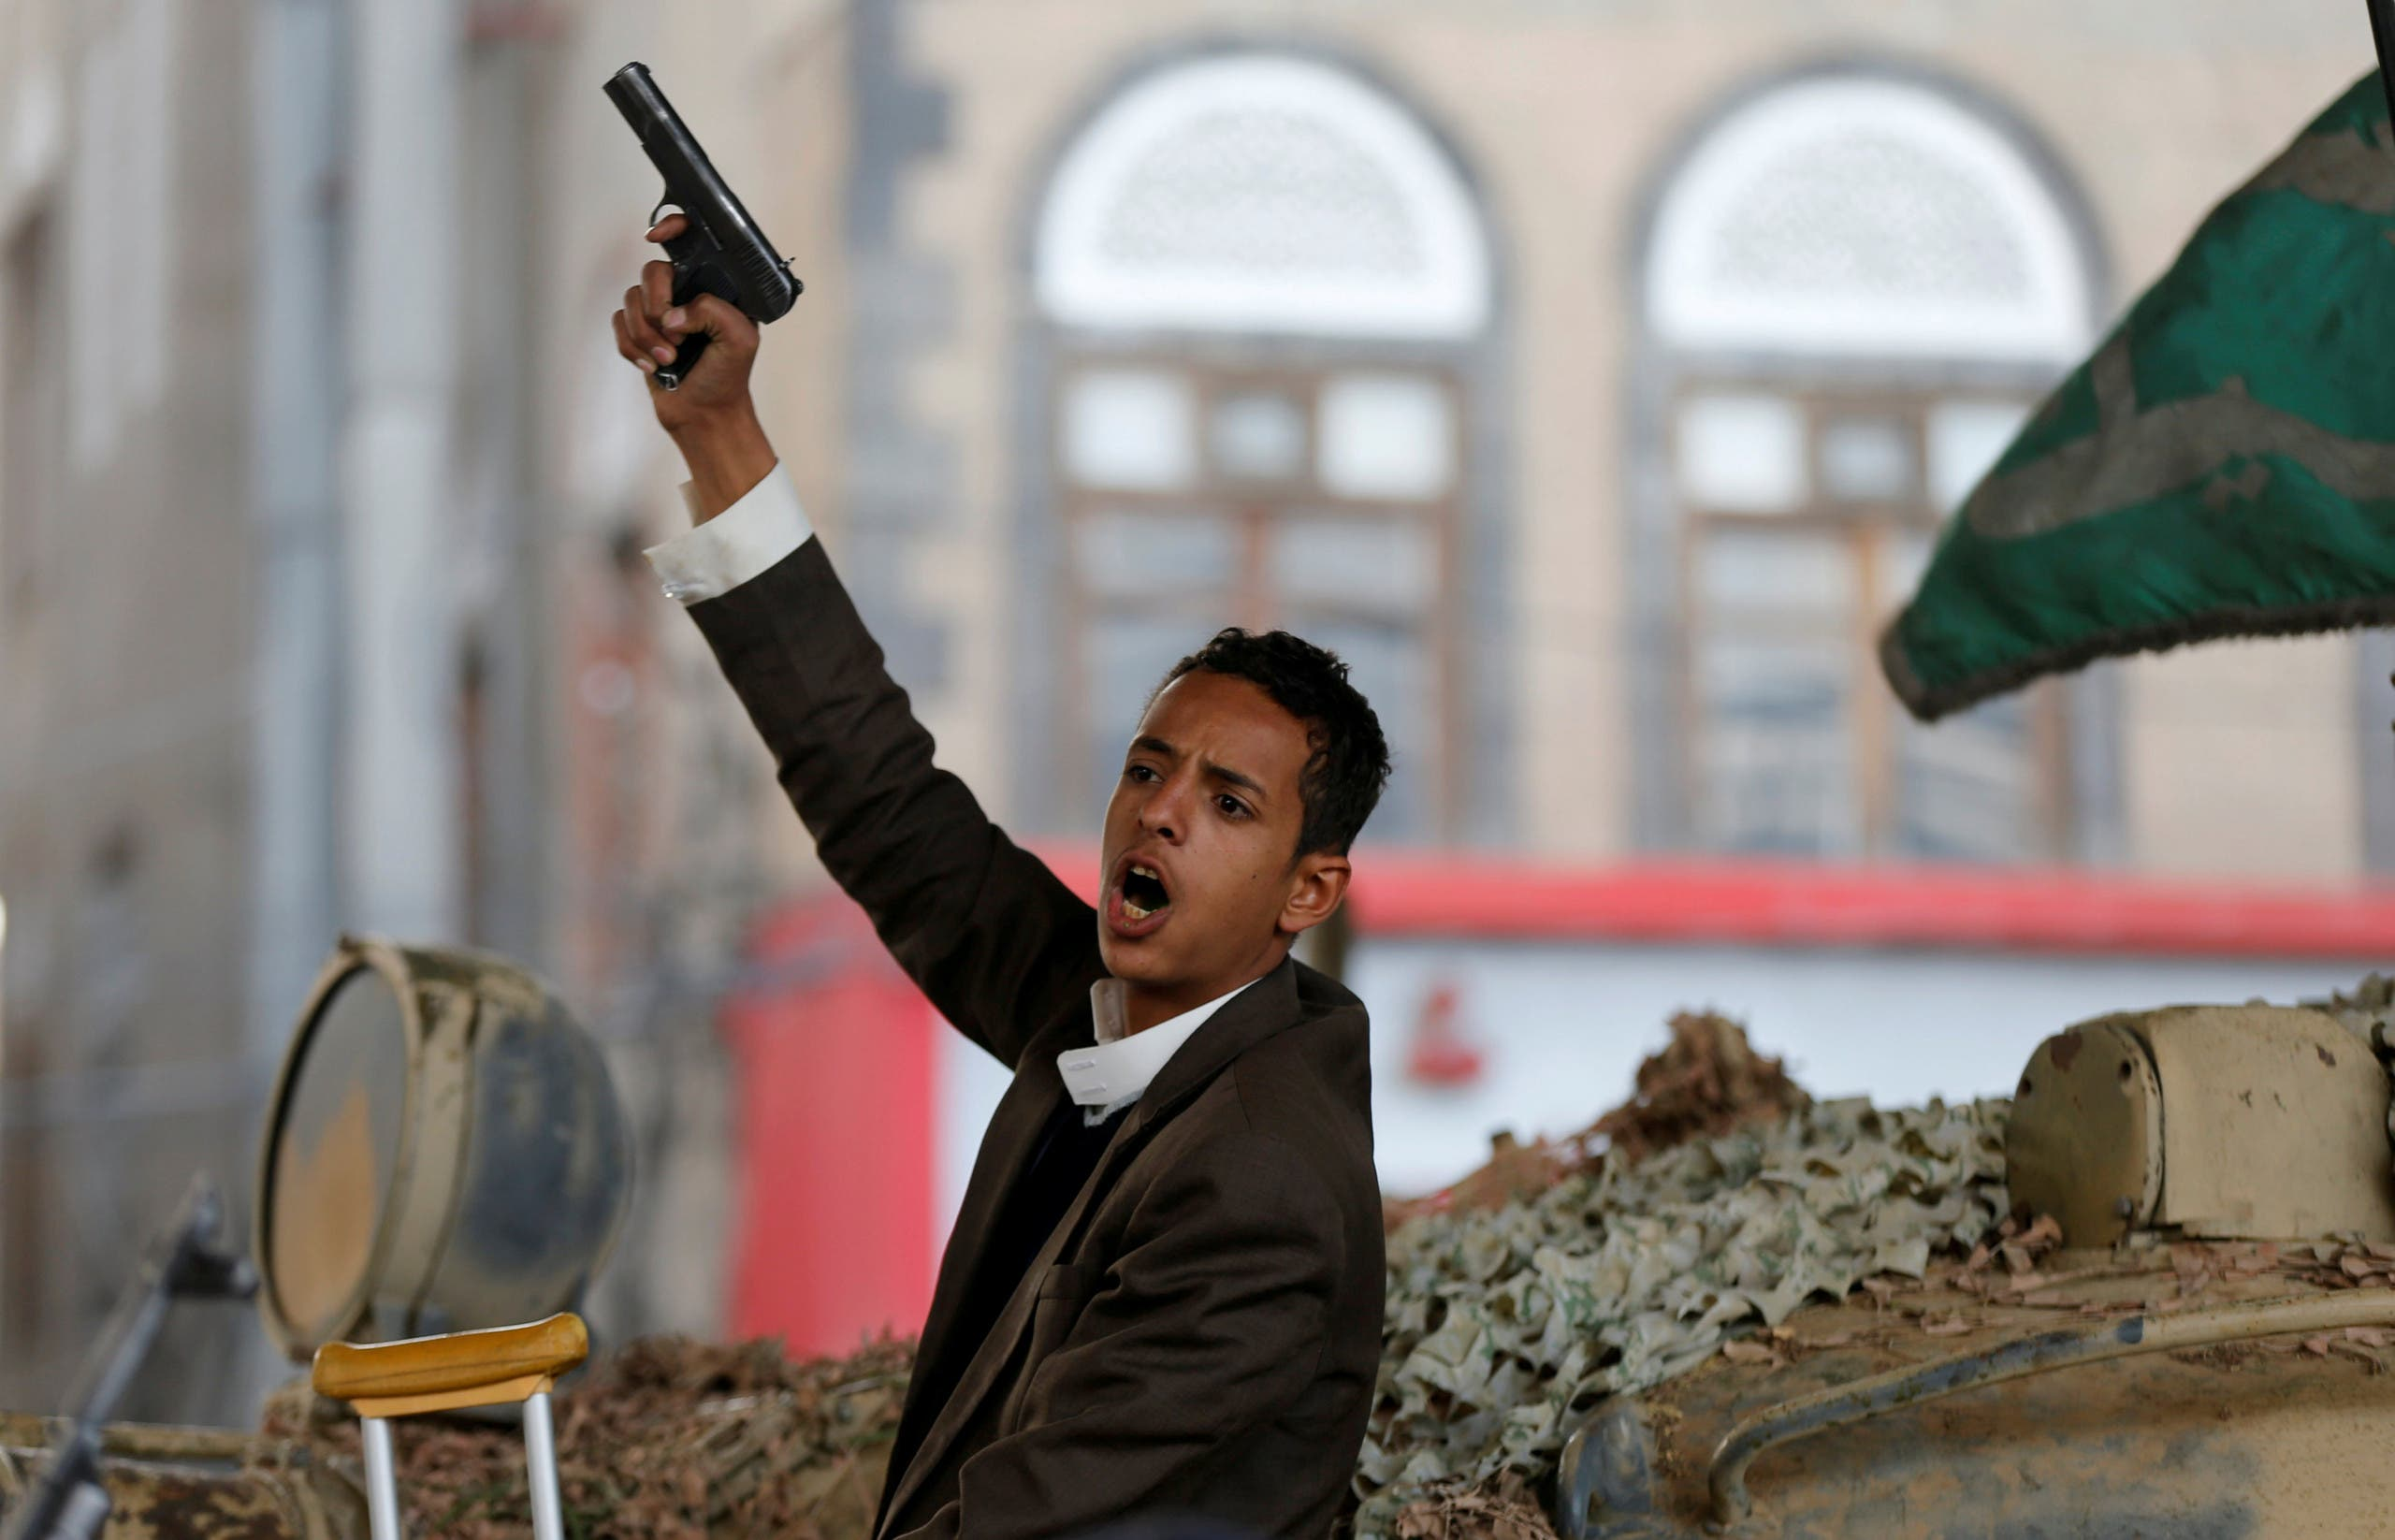 أحد عناصر ميليشيات الحوثي في صنعاء بعد الاعلان عن مقتل صالح